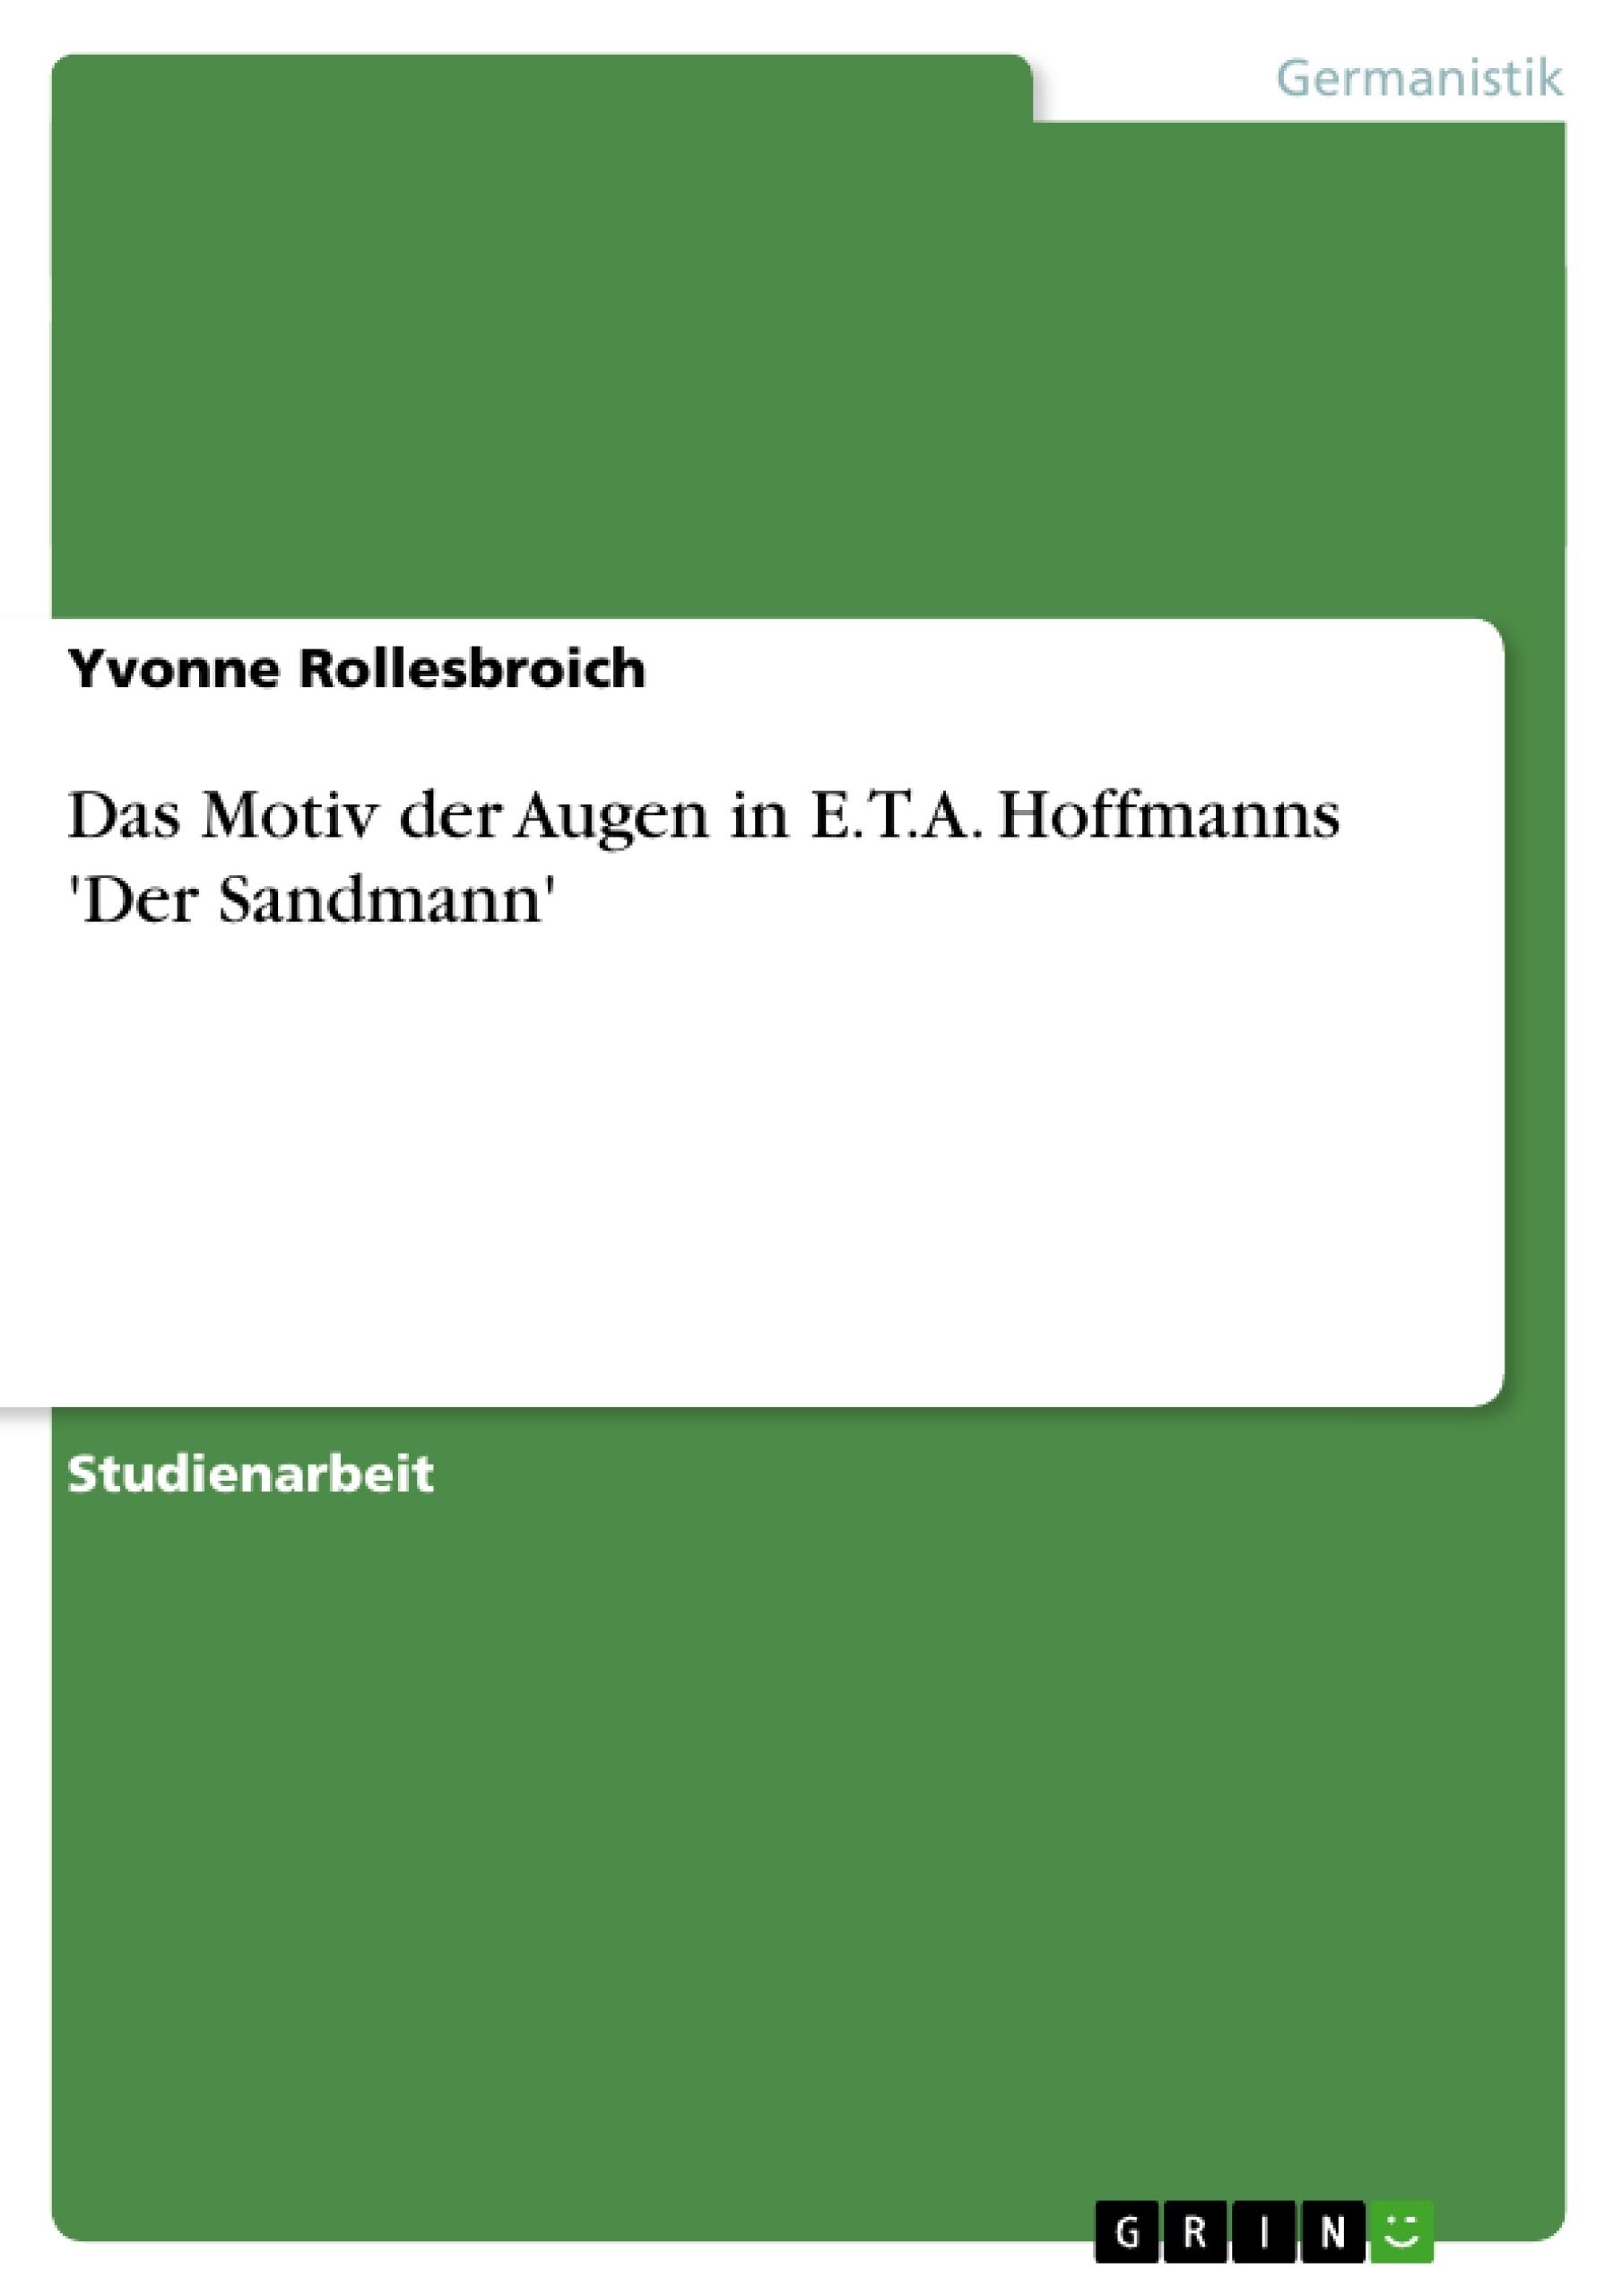 Titel: Das Motiv der Augen in E.T.A. Hoffmanns 'Der Sandmann'